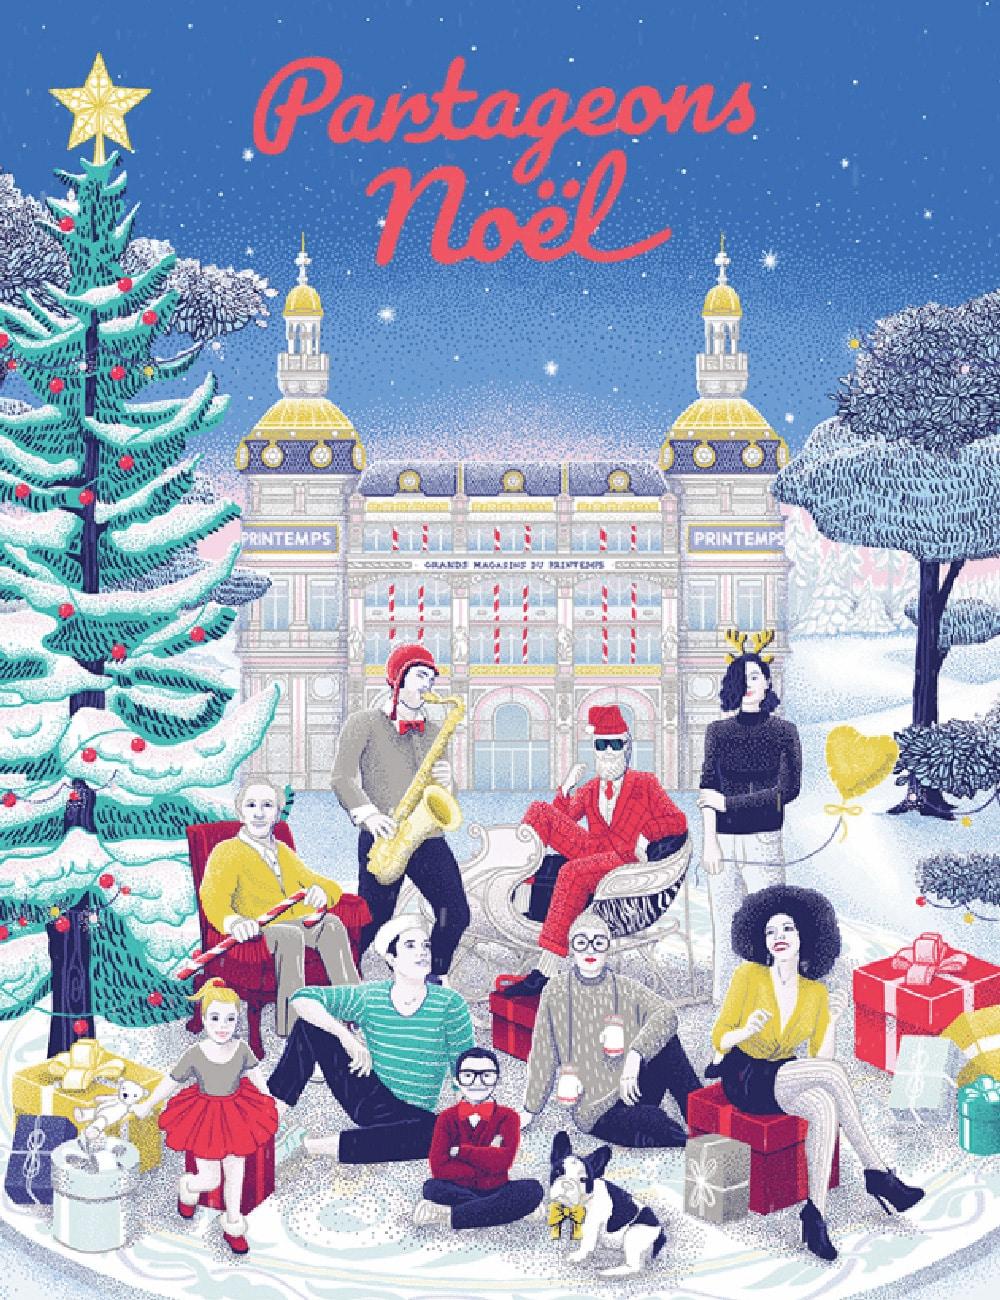 Printemps-Polygone-Riviera-catalogue-Noel